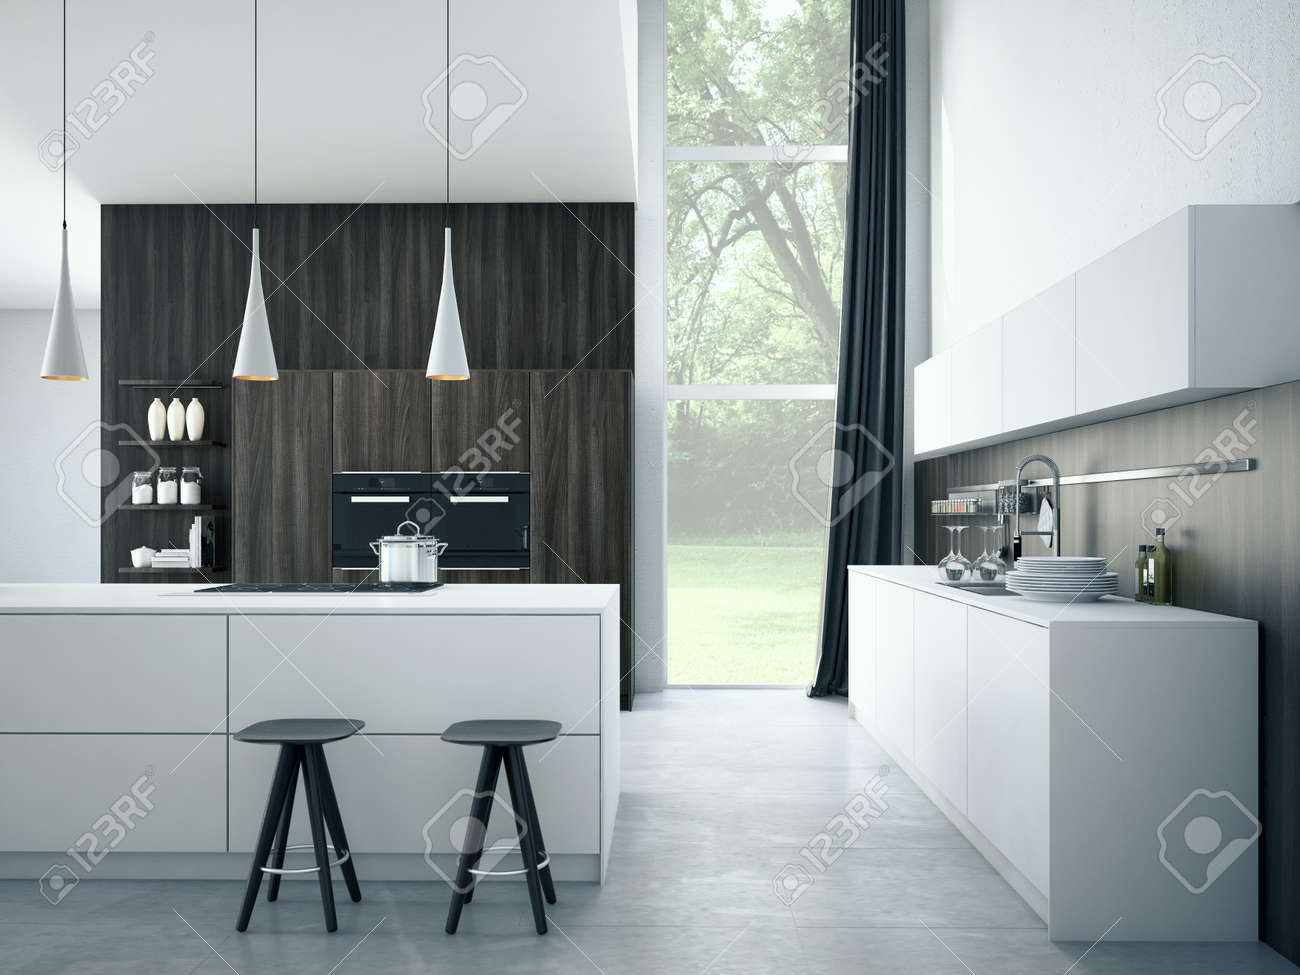 Modern, Hell, Sauber, Küche Unter Mit Edelstahlgeräten In Einem Luxus Haus.